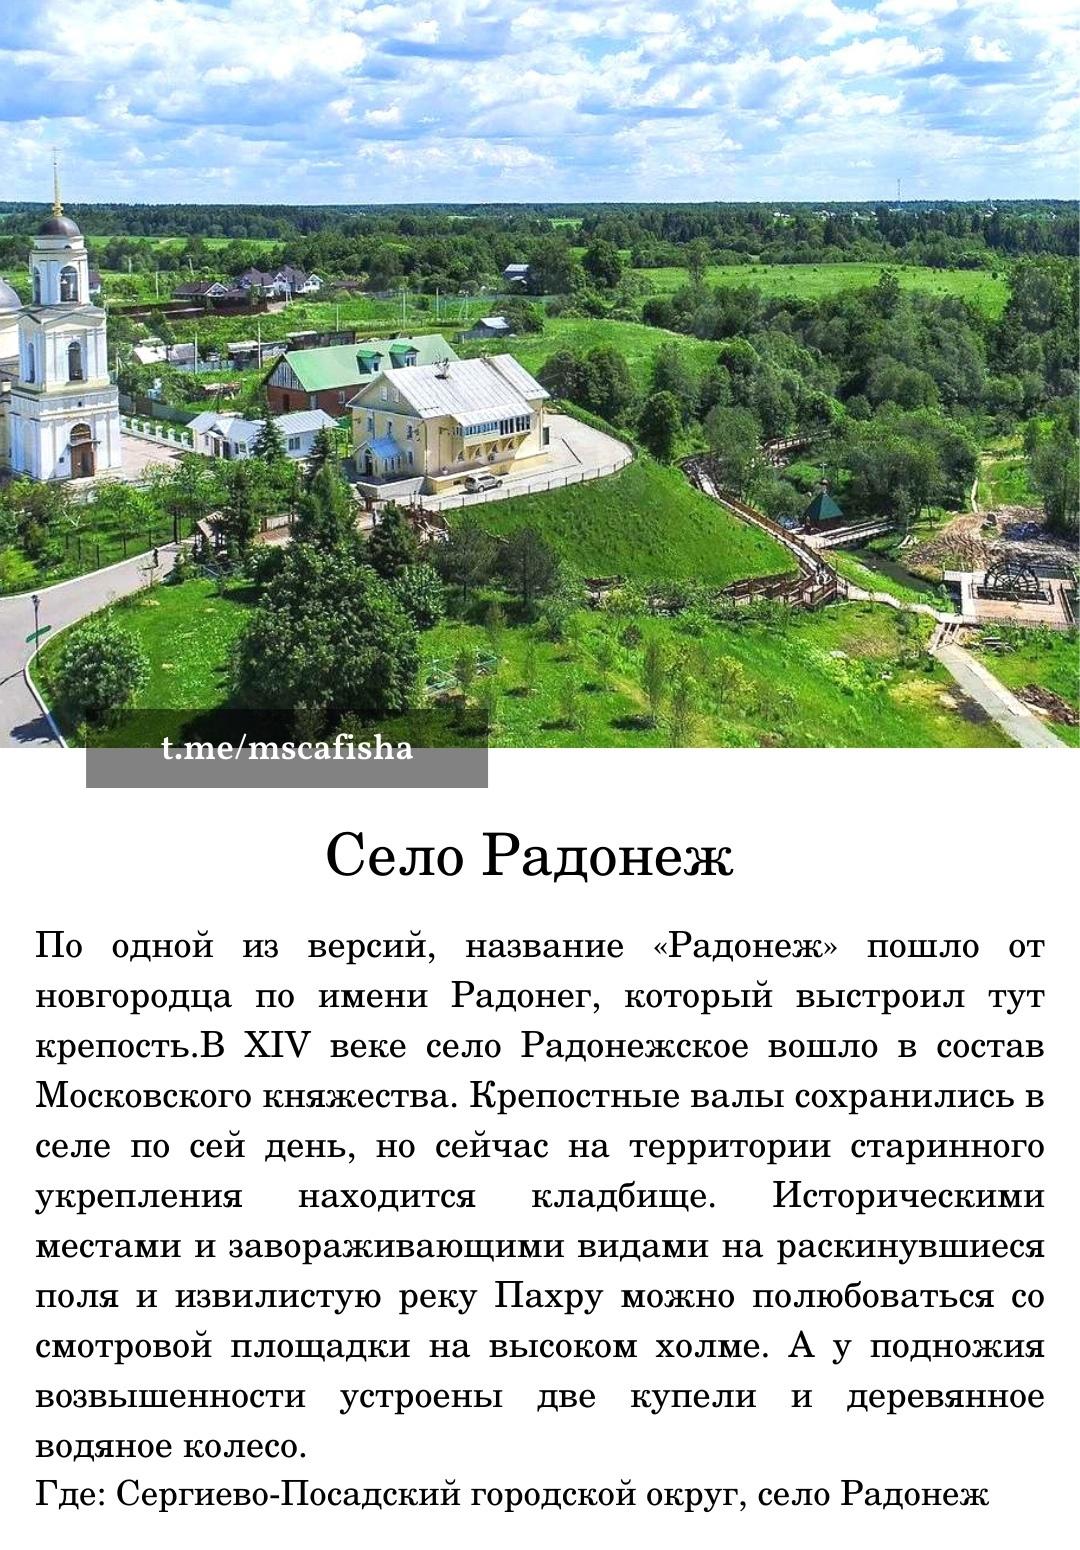 ТОП-10 мест Мособласти для красивых фотосессий: